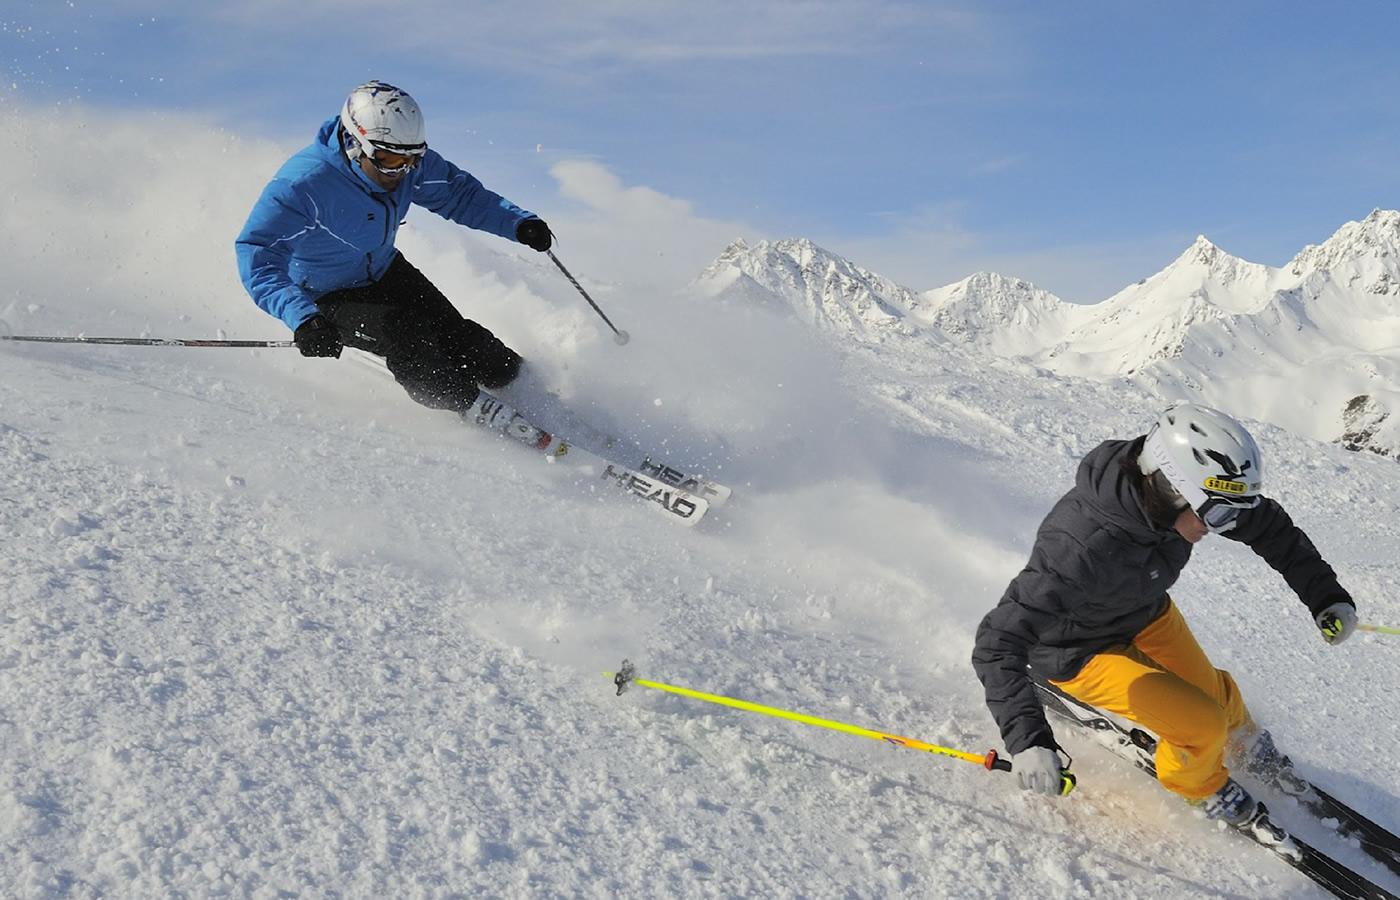 Ski fahren auf der Nordseite von Fiss. Wintertraum für Gruppen-Urlaube.